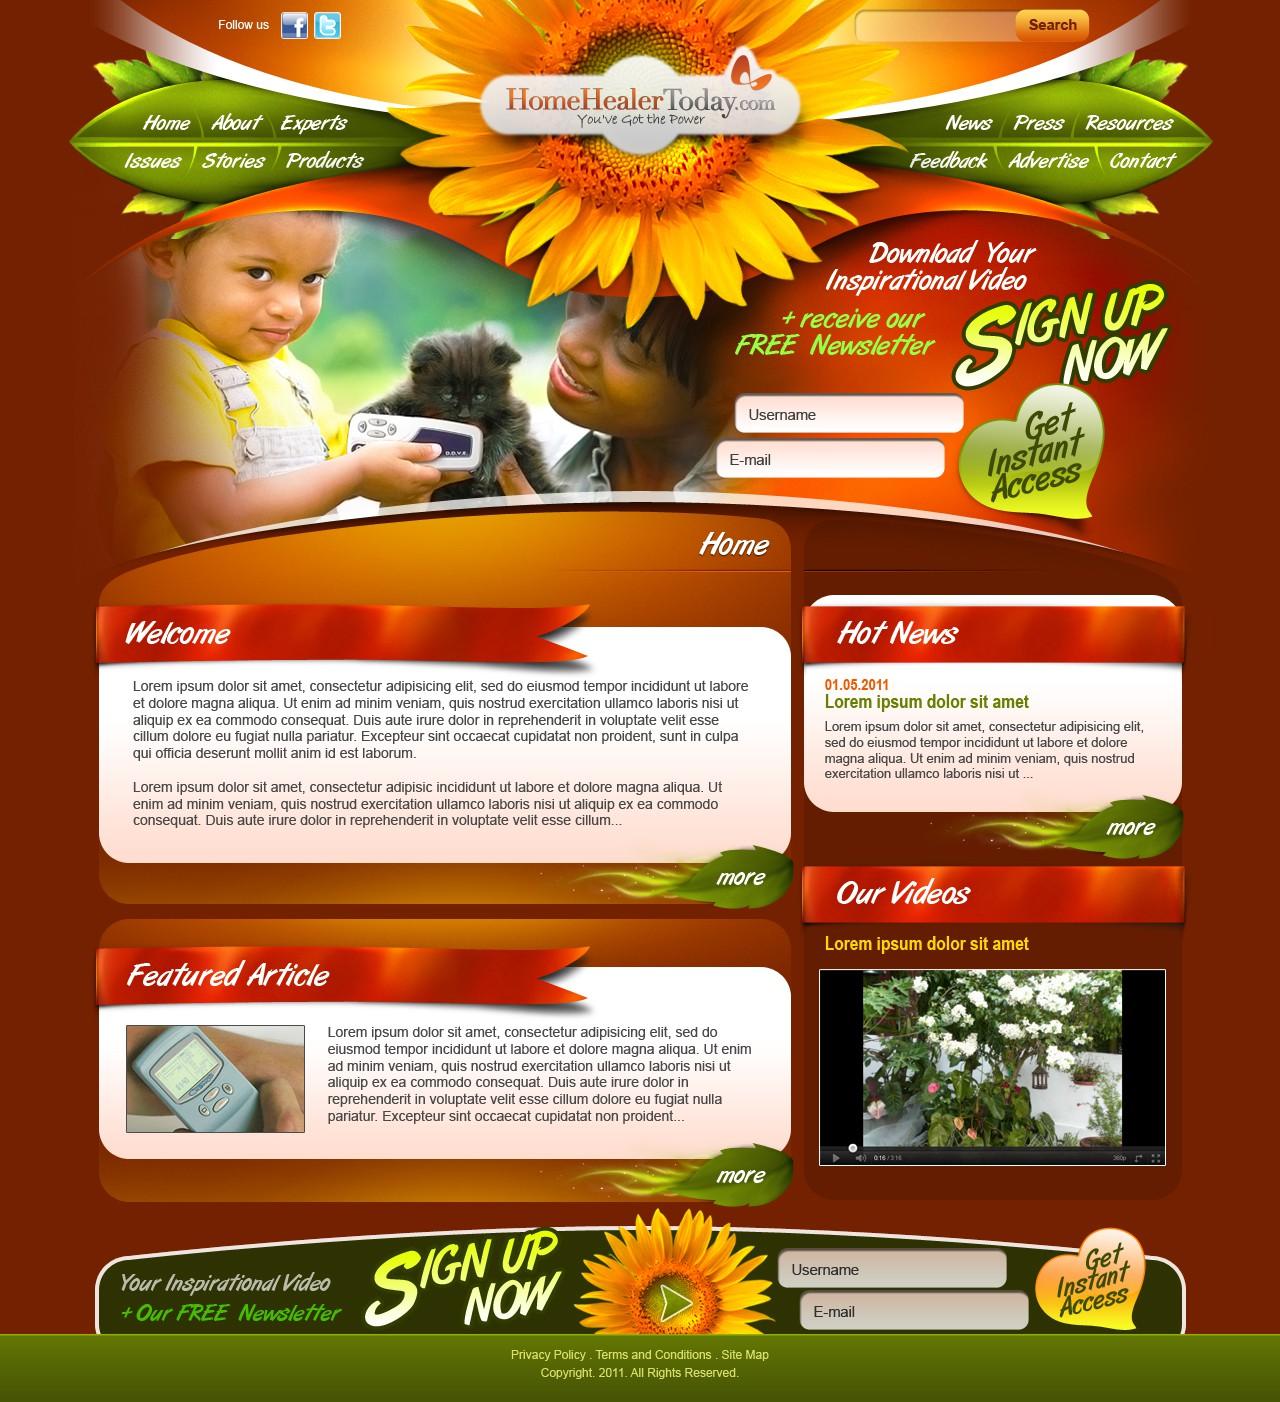 HealthBoss needs a new website design and, eventually, a newsletter template